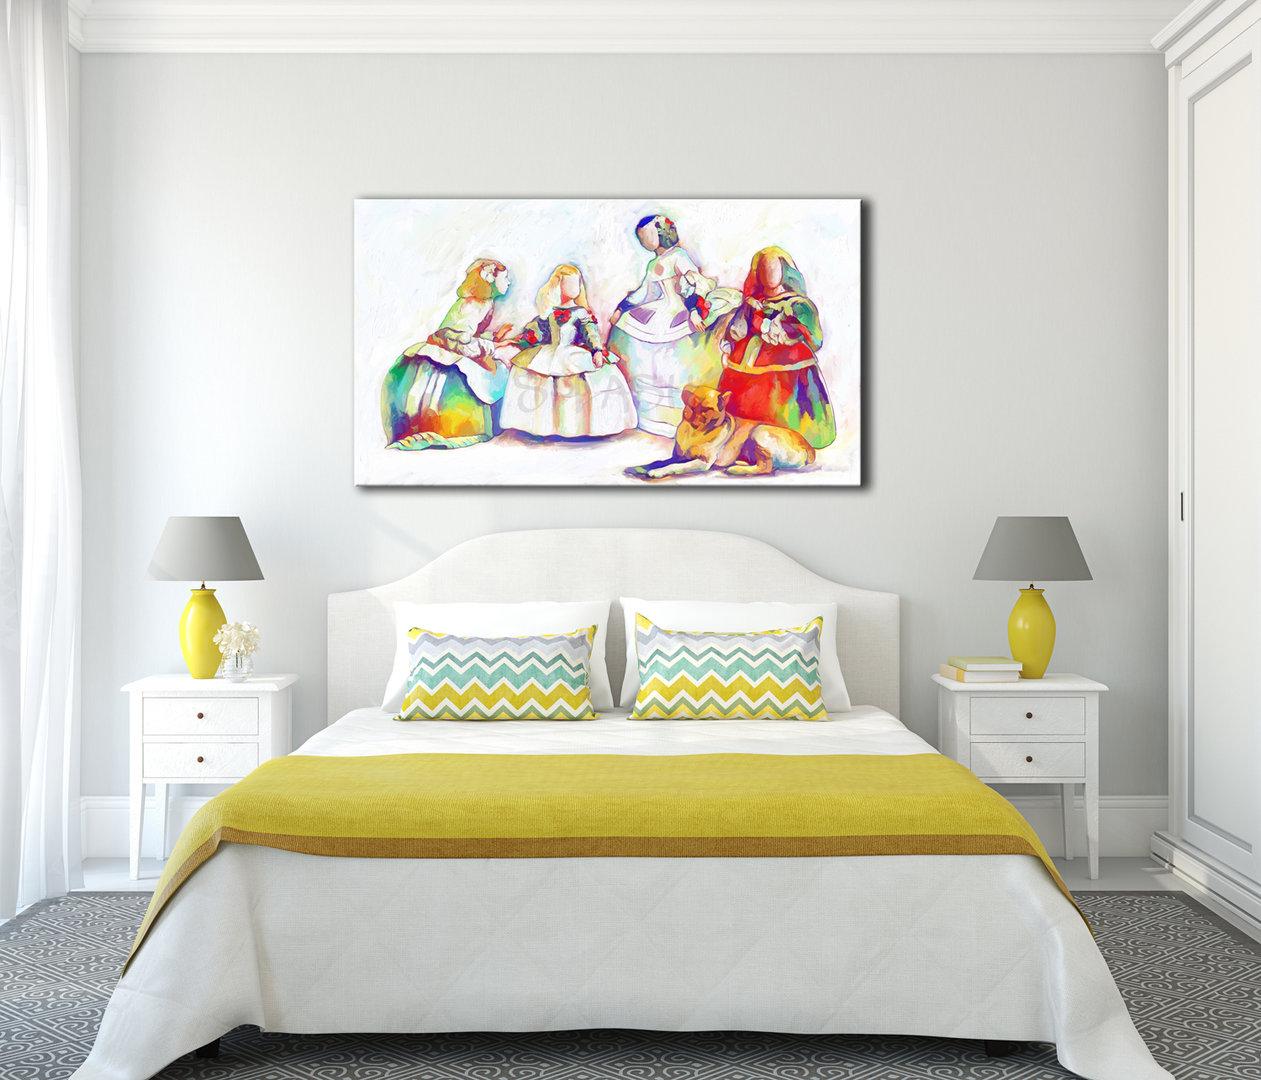 Cuadros abstractos para dormitorios cuadros para dormitorios de matrimonio with cuadros - Cuadros dormitorio matrimonio ...